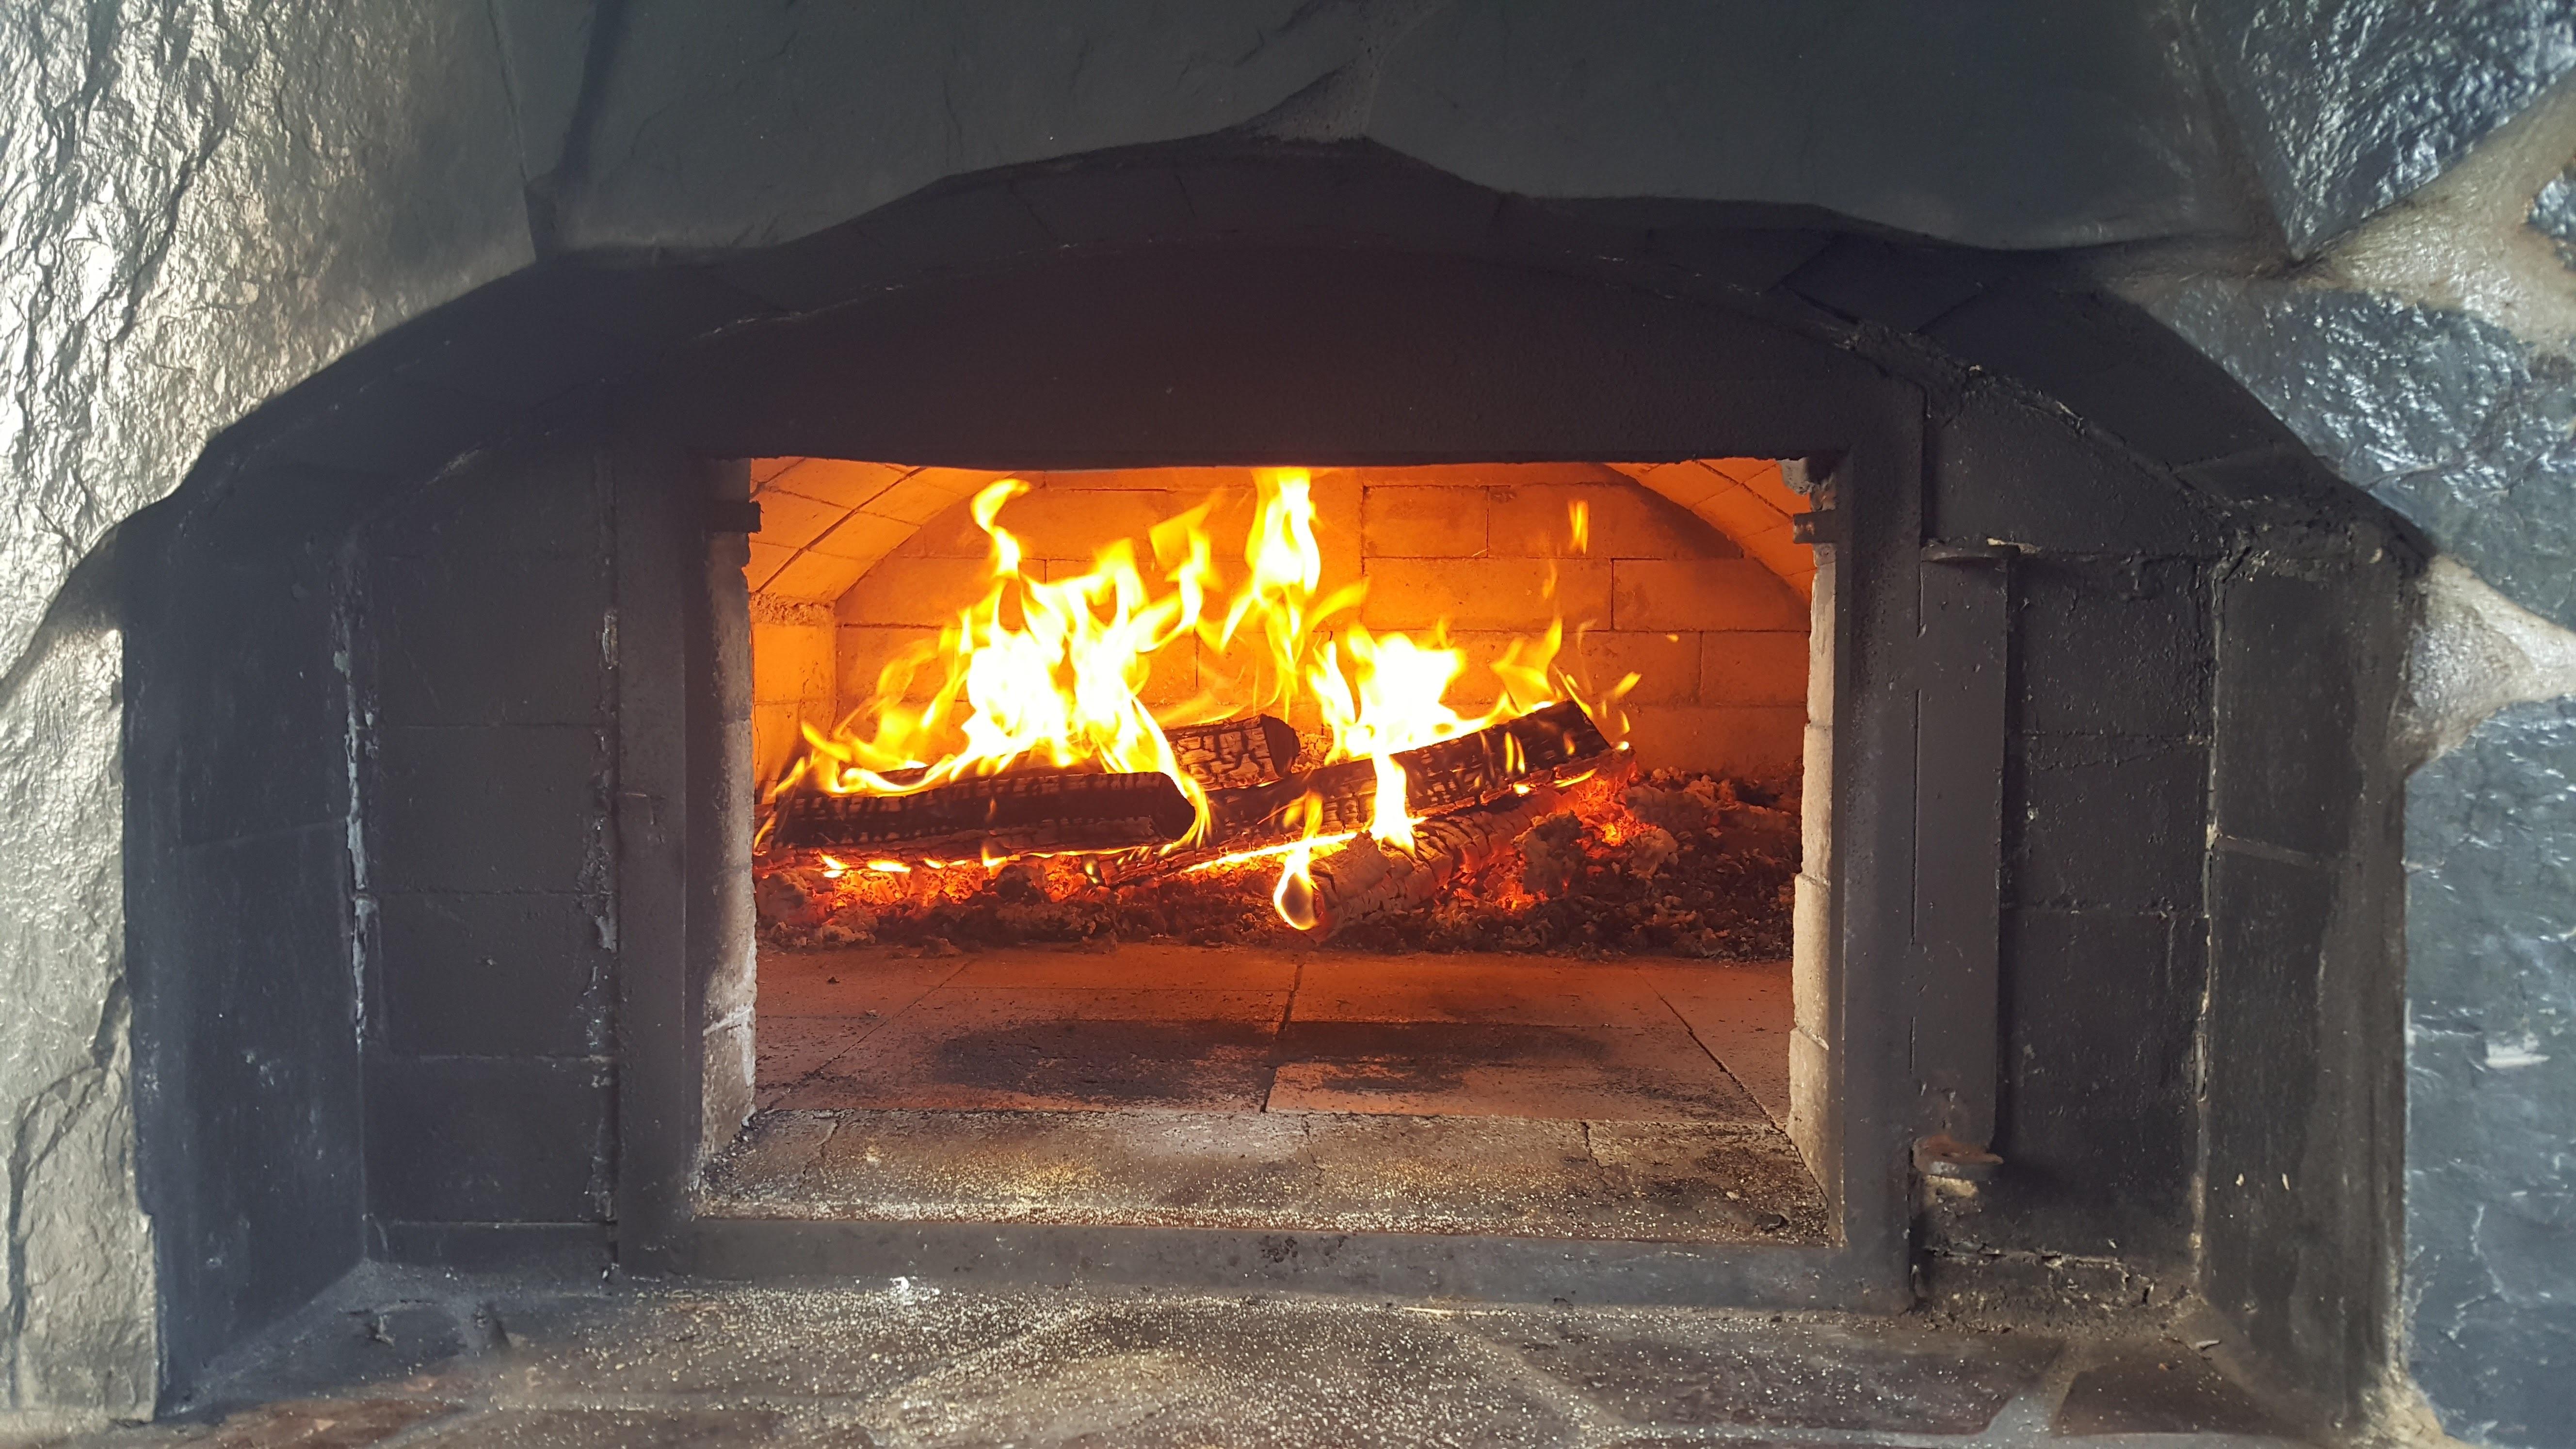 Fotos gratis cocina fuego chimenea le a ladrillo pizza ardiente caliente horno hogar - Cocina de fuego ...